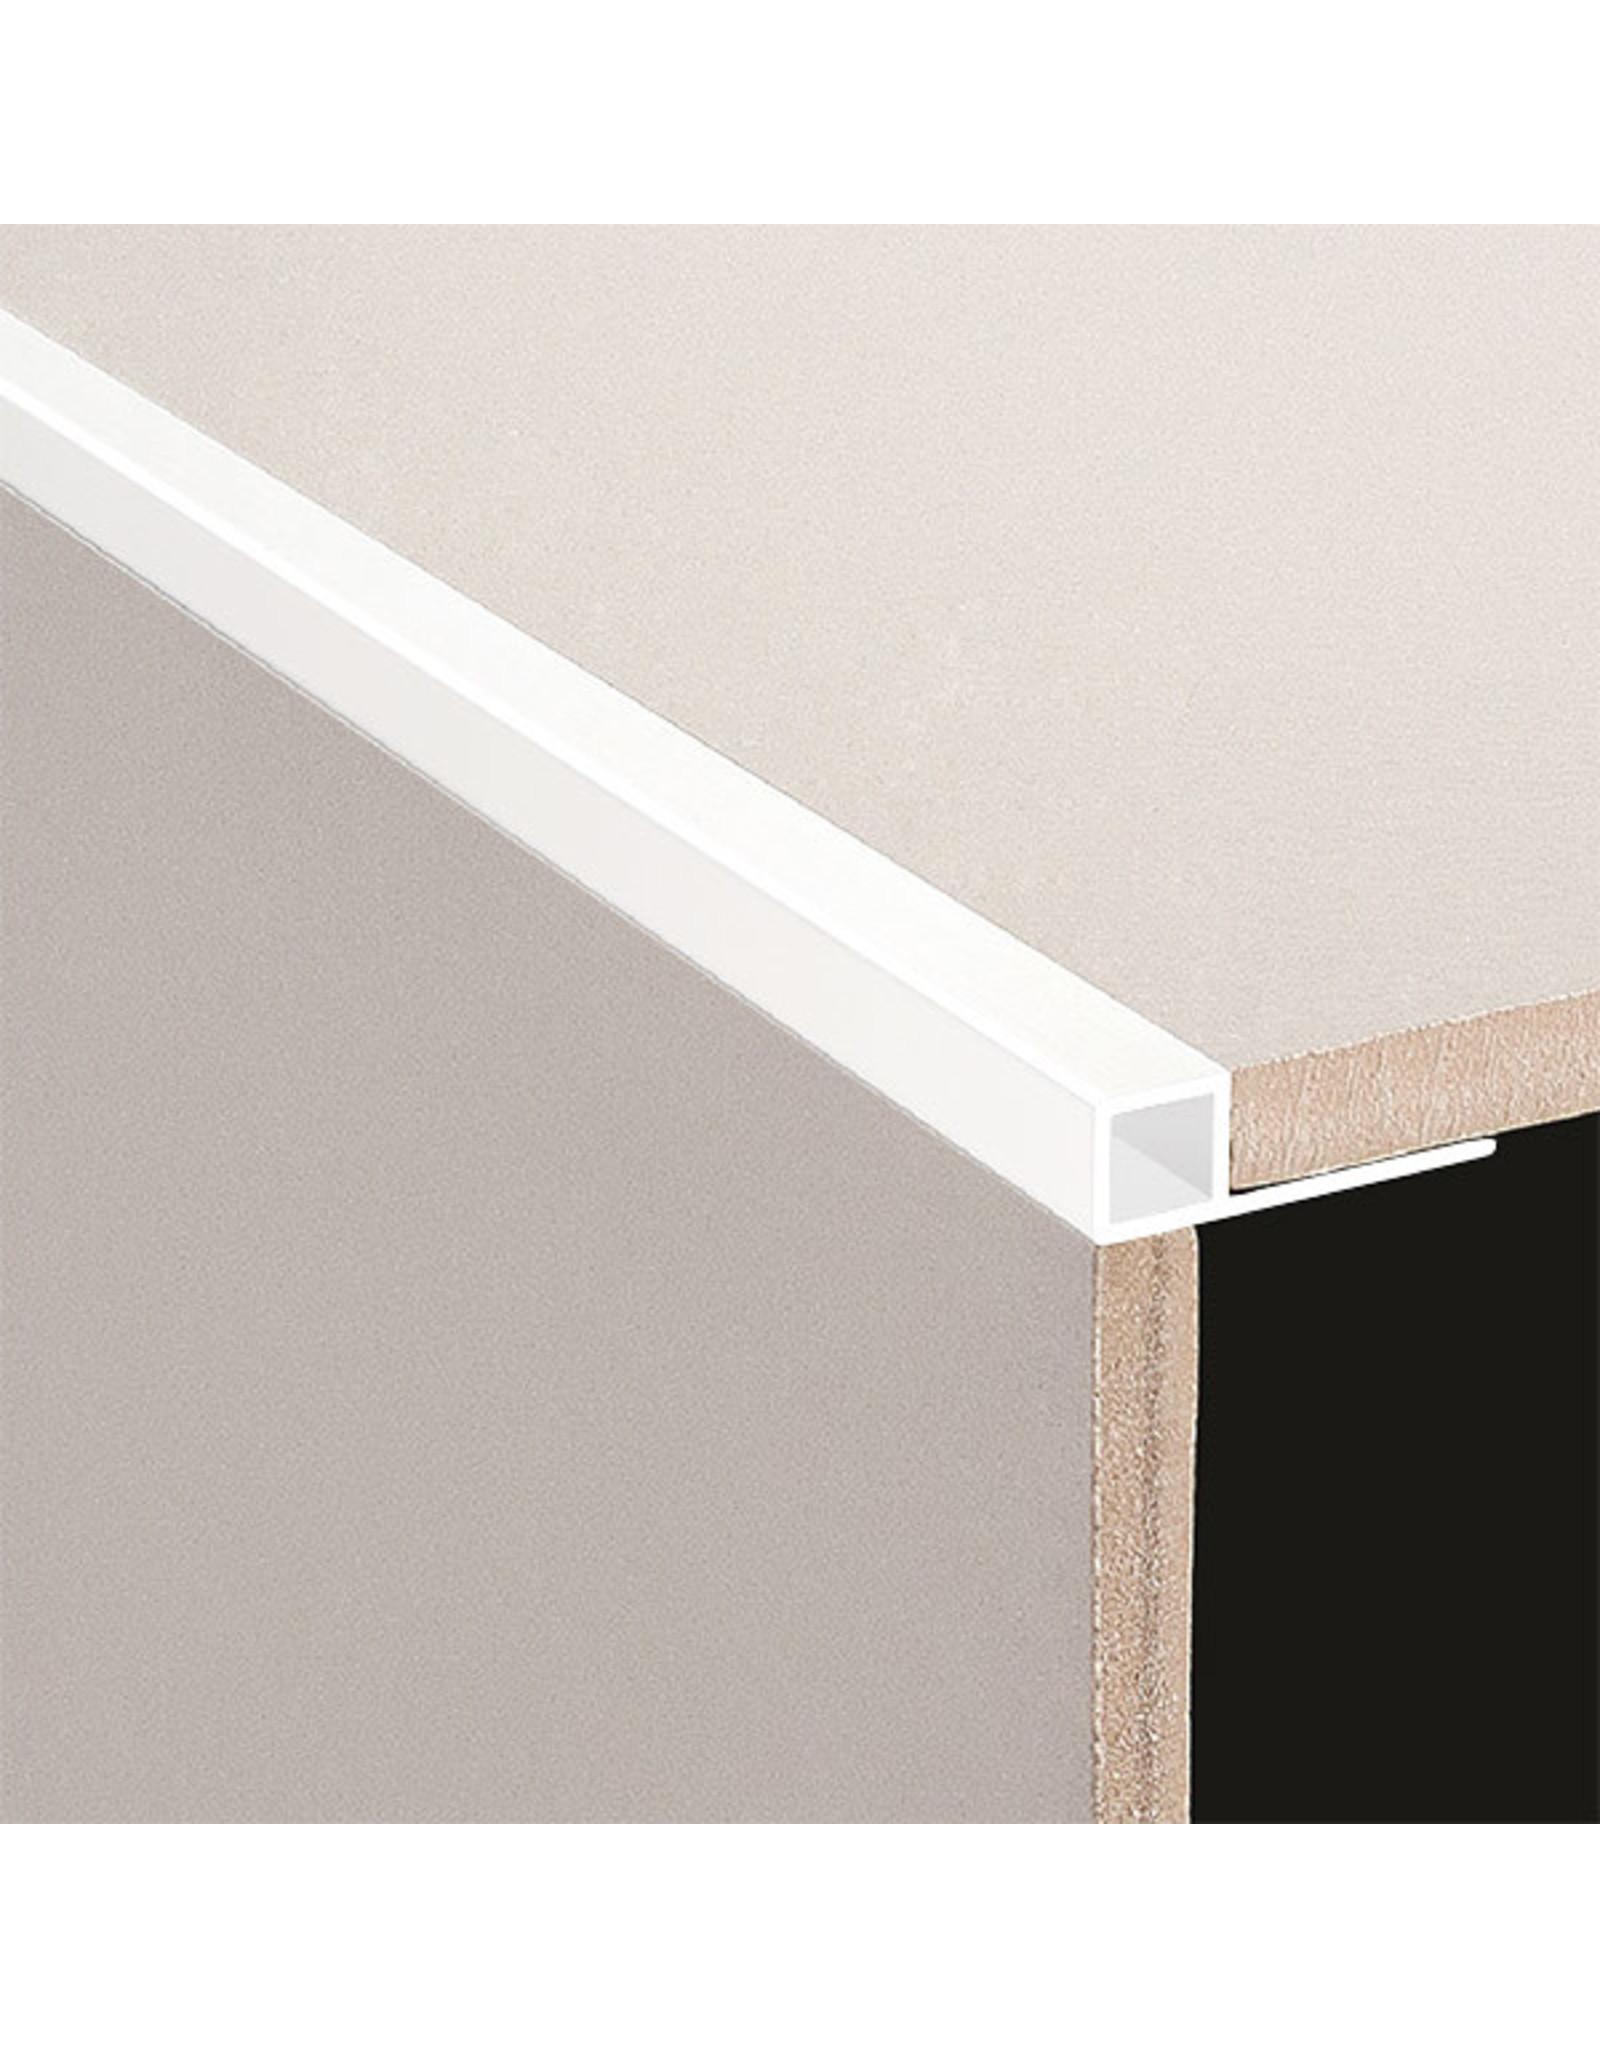 DTA 12mm DTA Aluminium Square Edge Trim, Gloss White